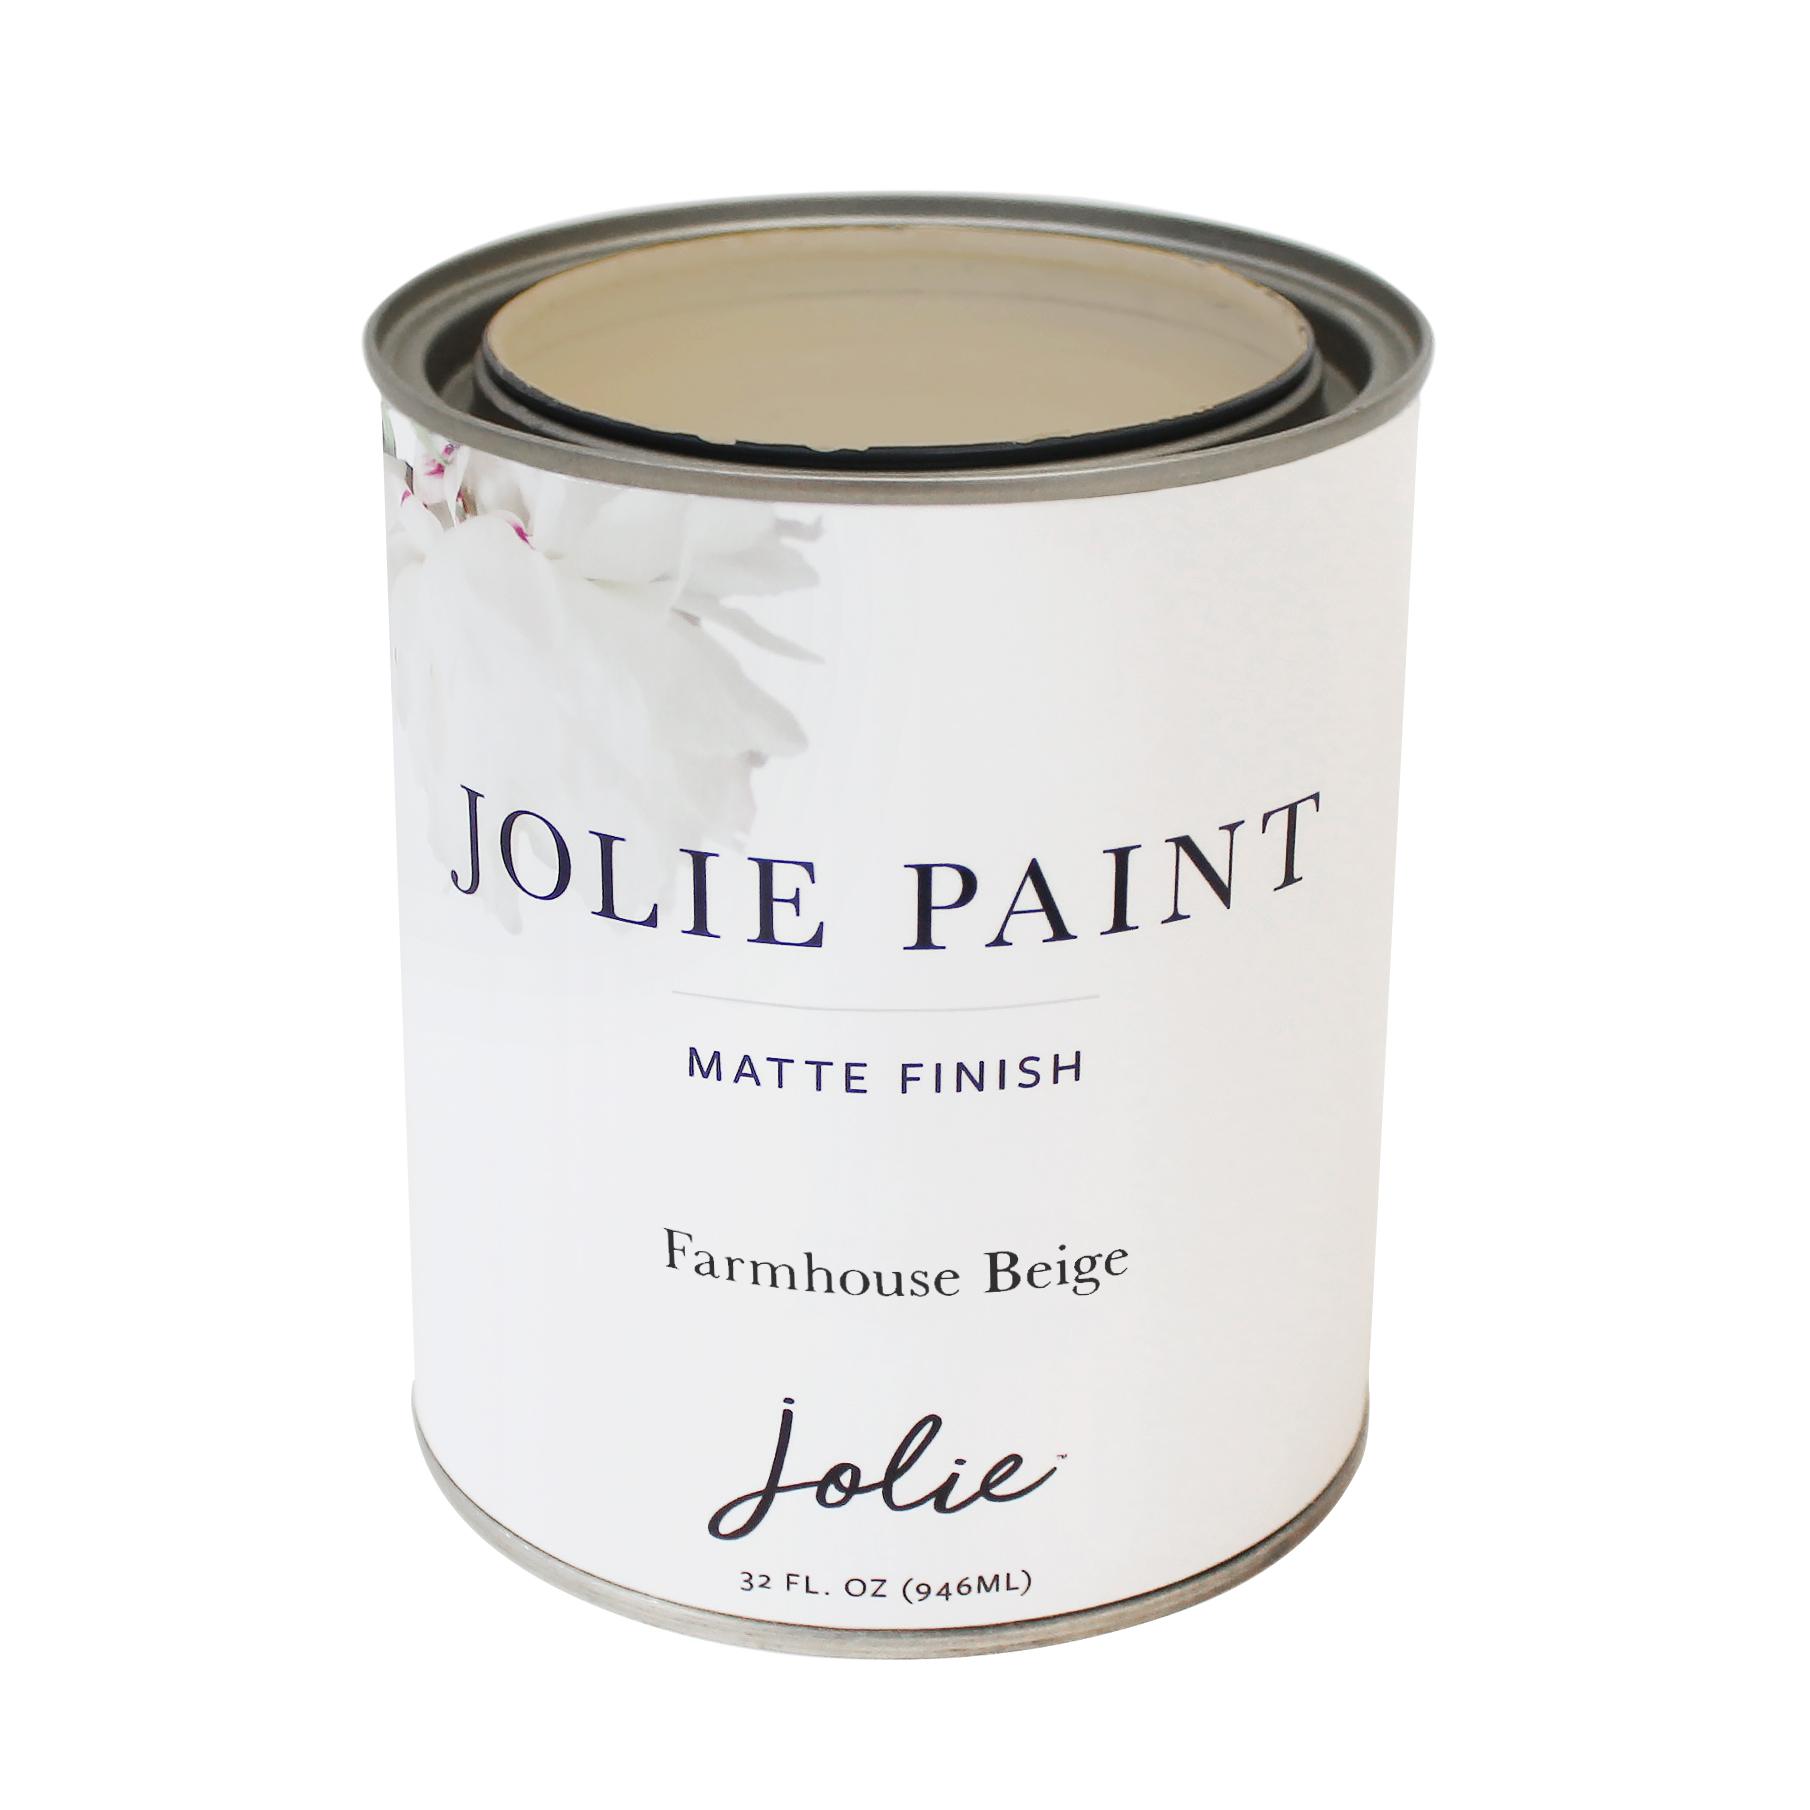 Farmhouse Beige - Jolie Paint